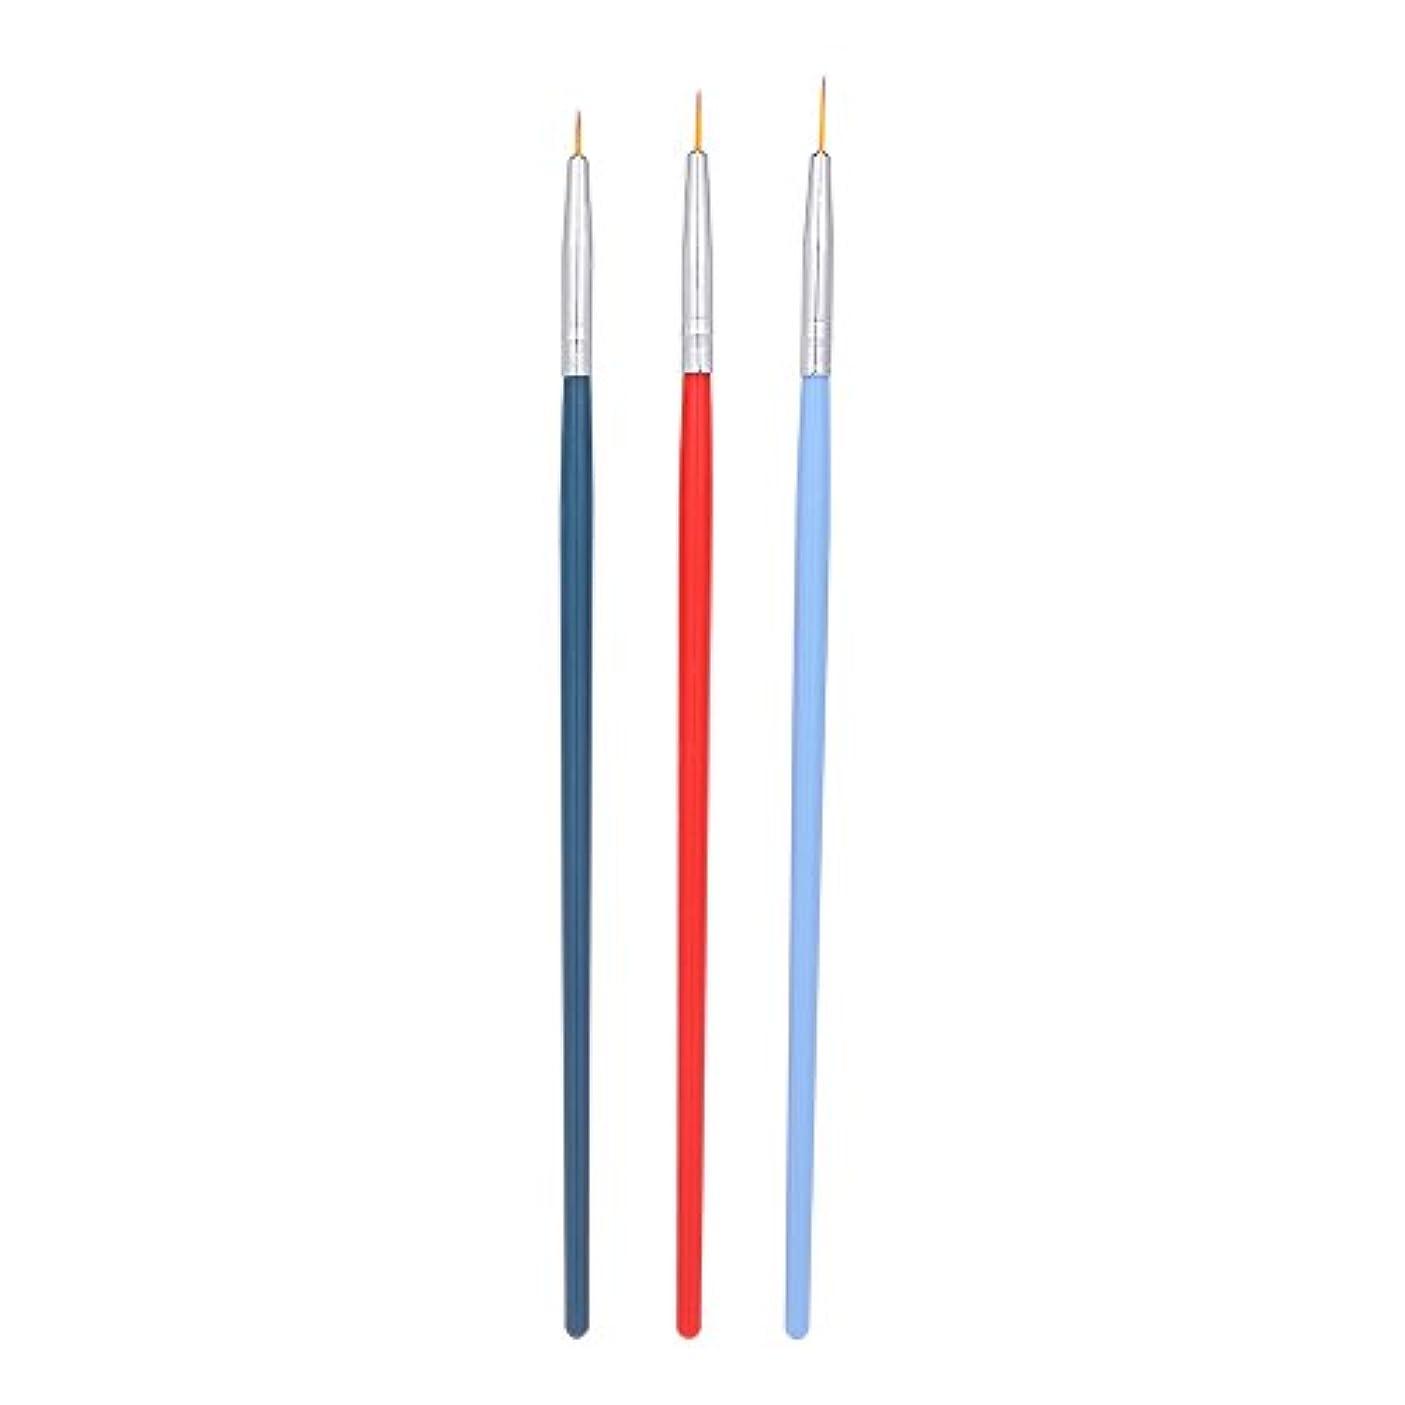 溶かすしおれた恵みDecdeal 3本 ネイルアートライナーブラシ ネイルブラシ ペン UVジェル塗装 セット マニキュア ネイルツール プラスチックハンドル